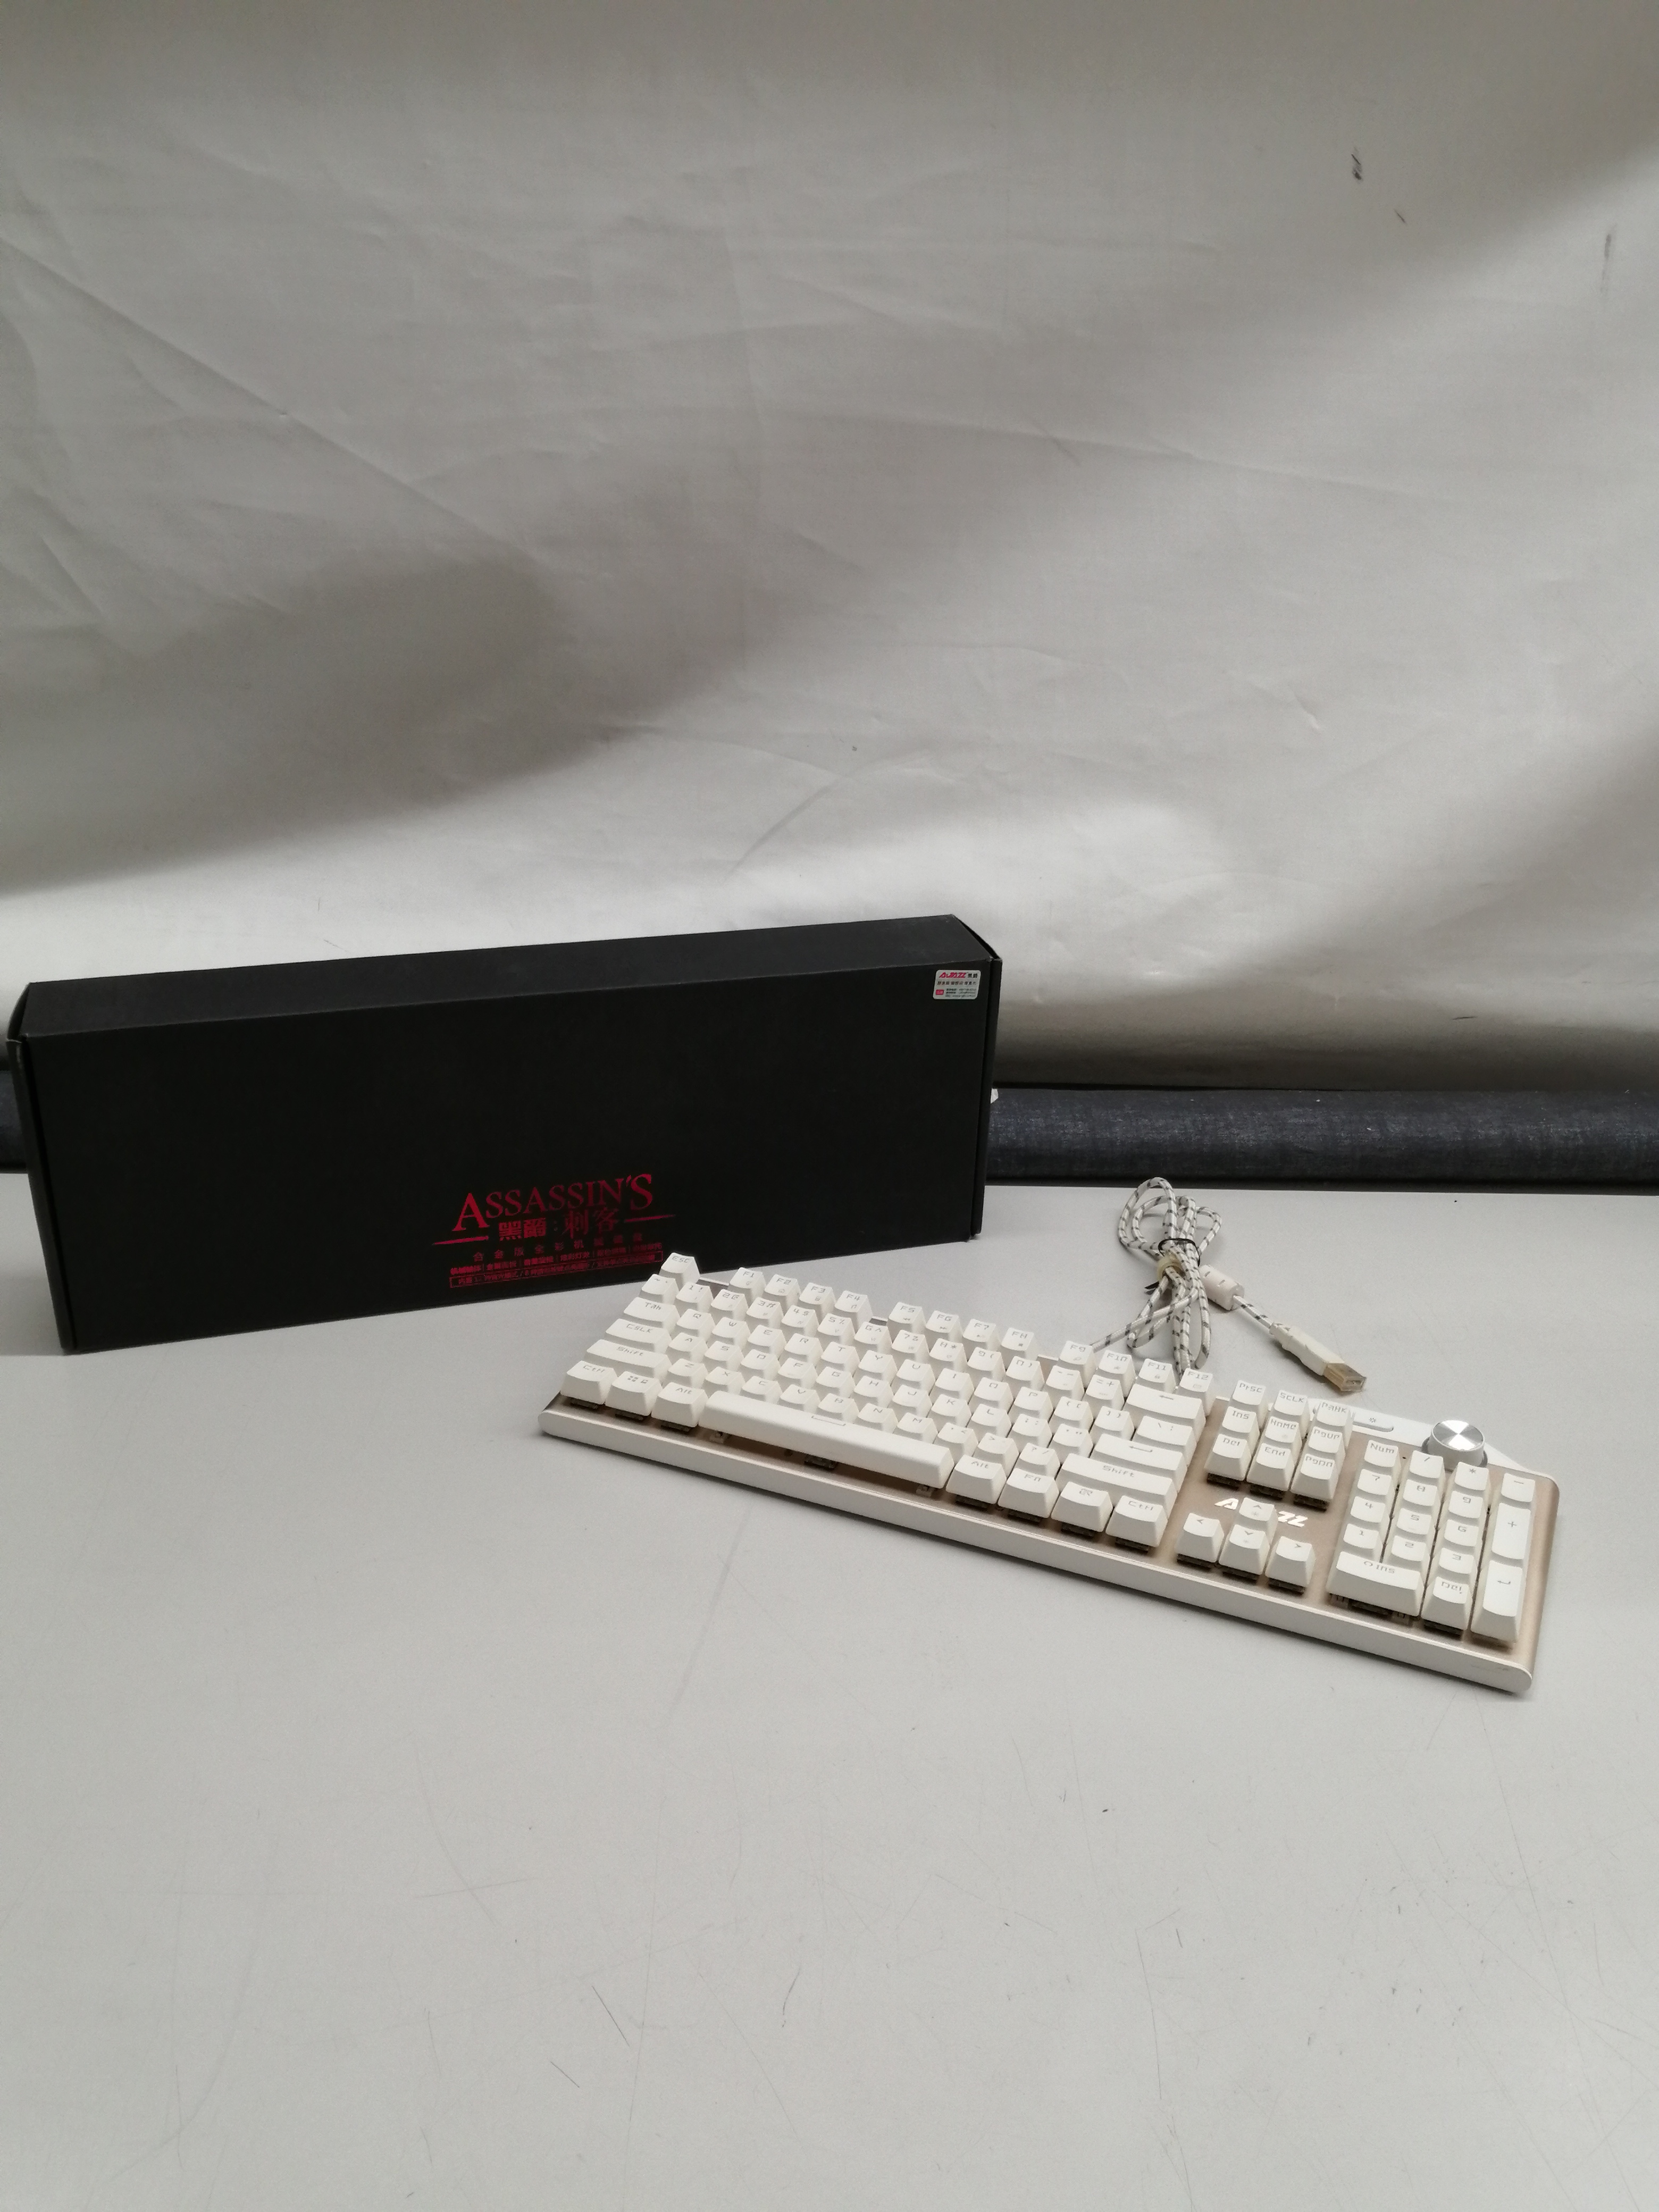 ゲーミングキーボード|AJAZZ